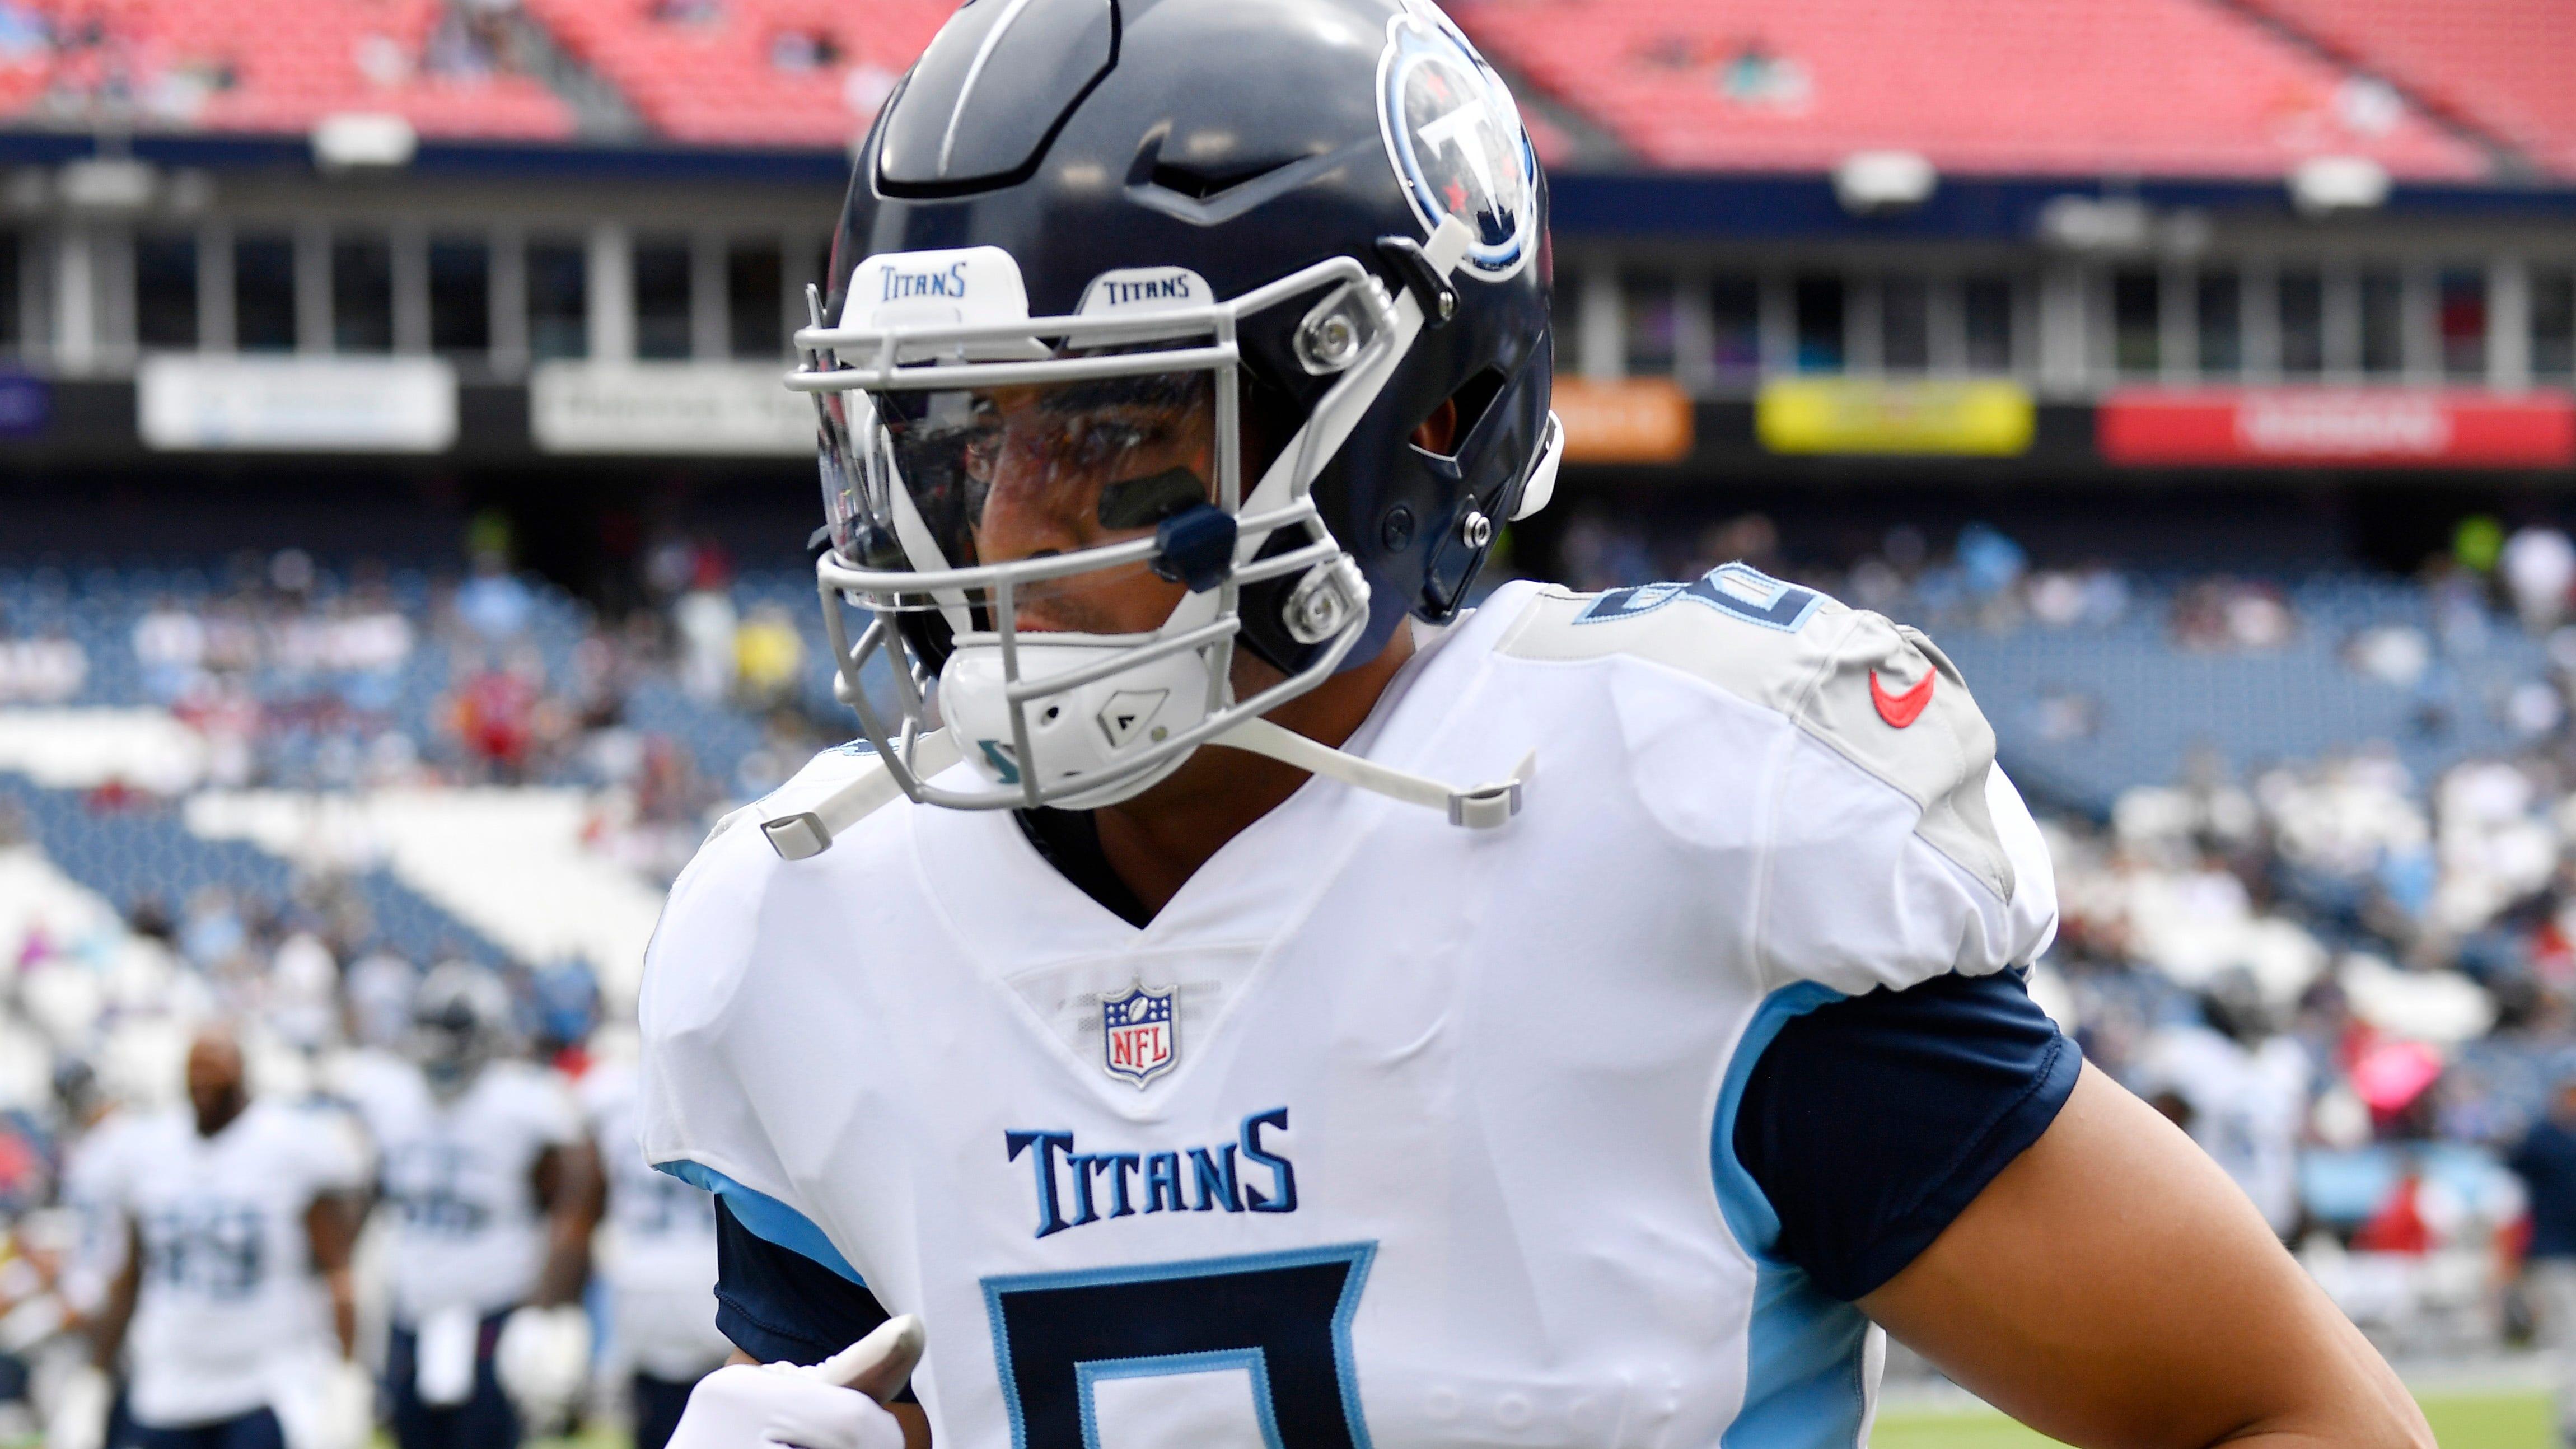 Titans quarterback Marcus Mariota (8) jogs on the...